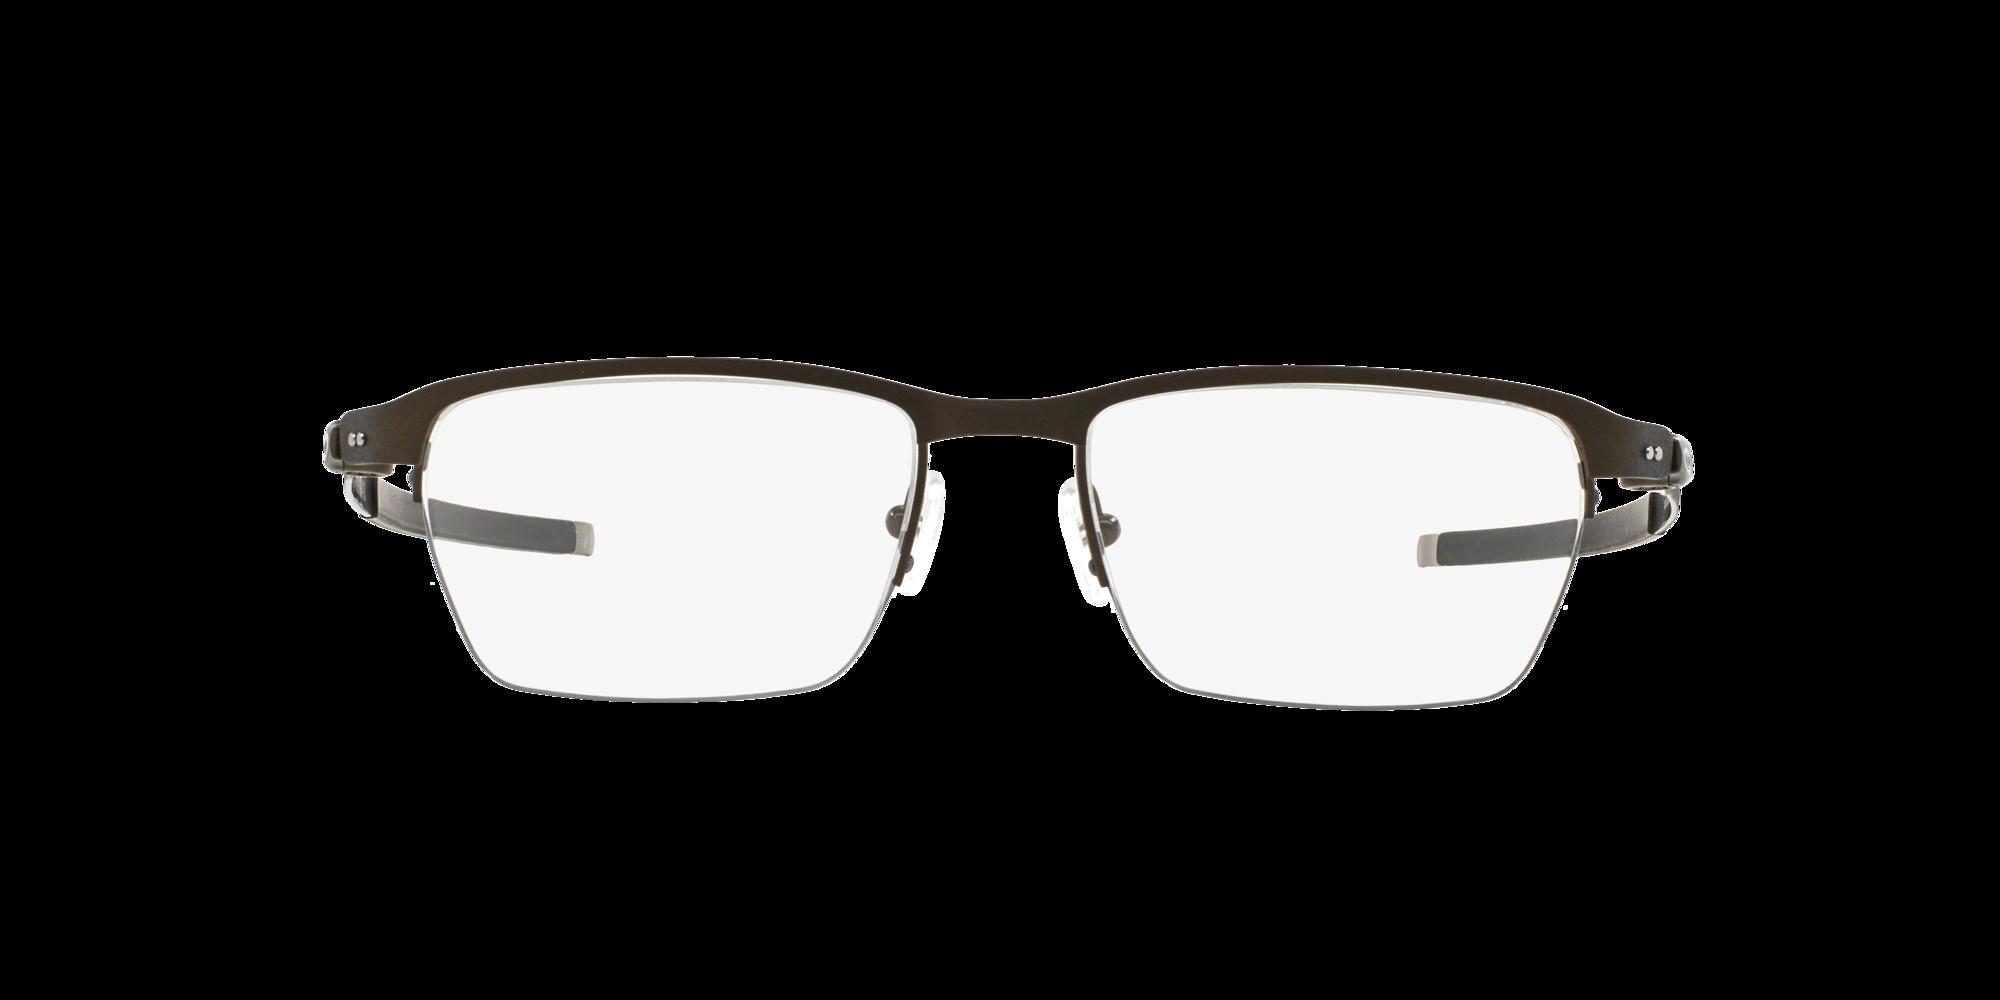 Imagen para OX5099 Tincup 0.5 Ti de LensCrafters |  Espejuelos, espejuelos graduados en línea, gafas